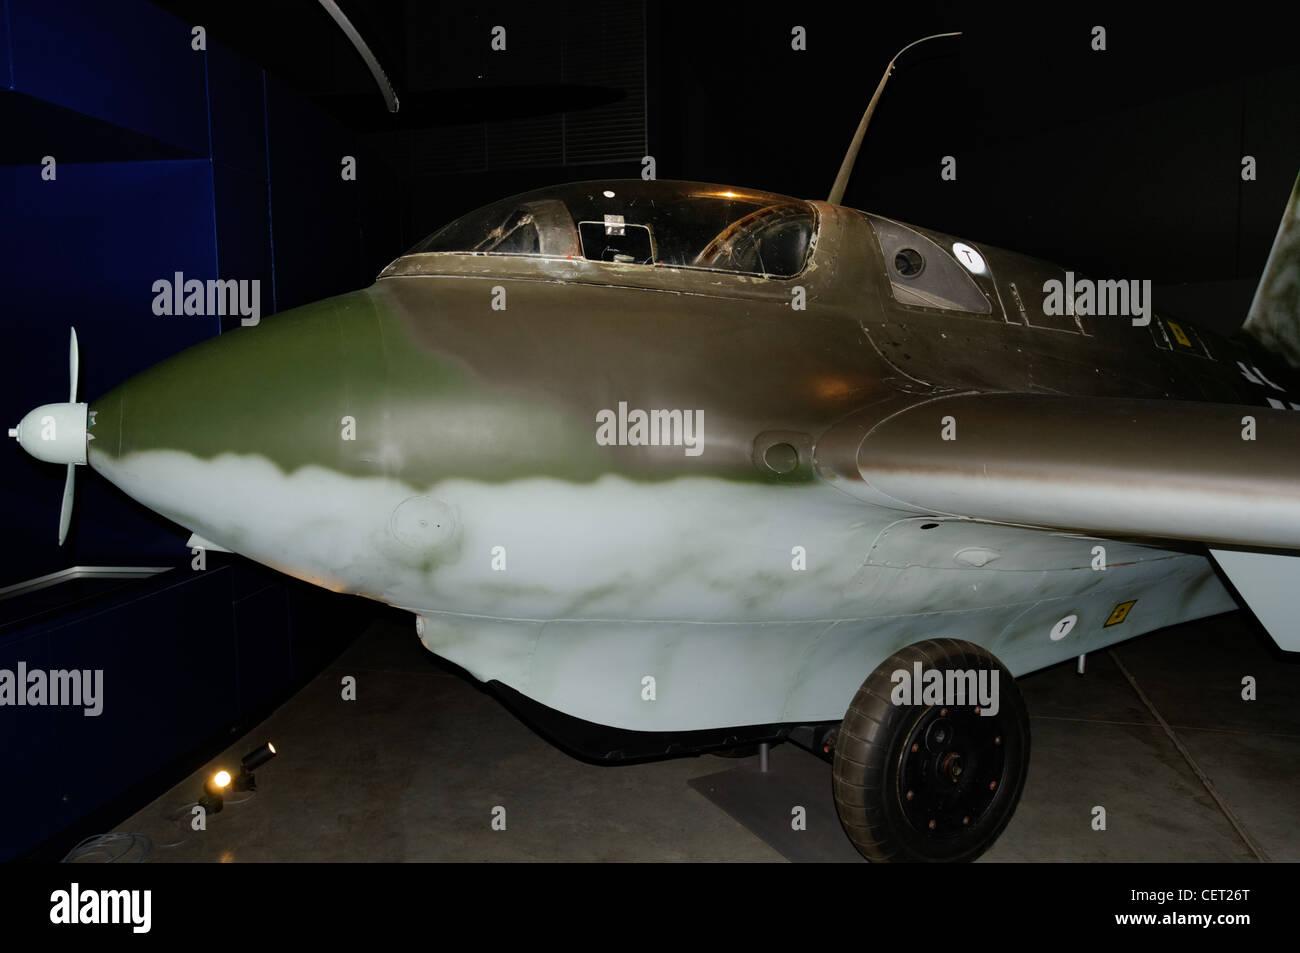 The Messerschmitt Me163 Komet, an experimental rocket powered fighter aircraft from WW2 at the Australian War Museum - Stock Image